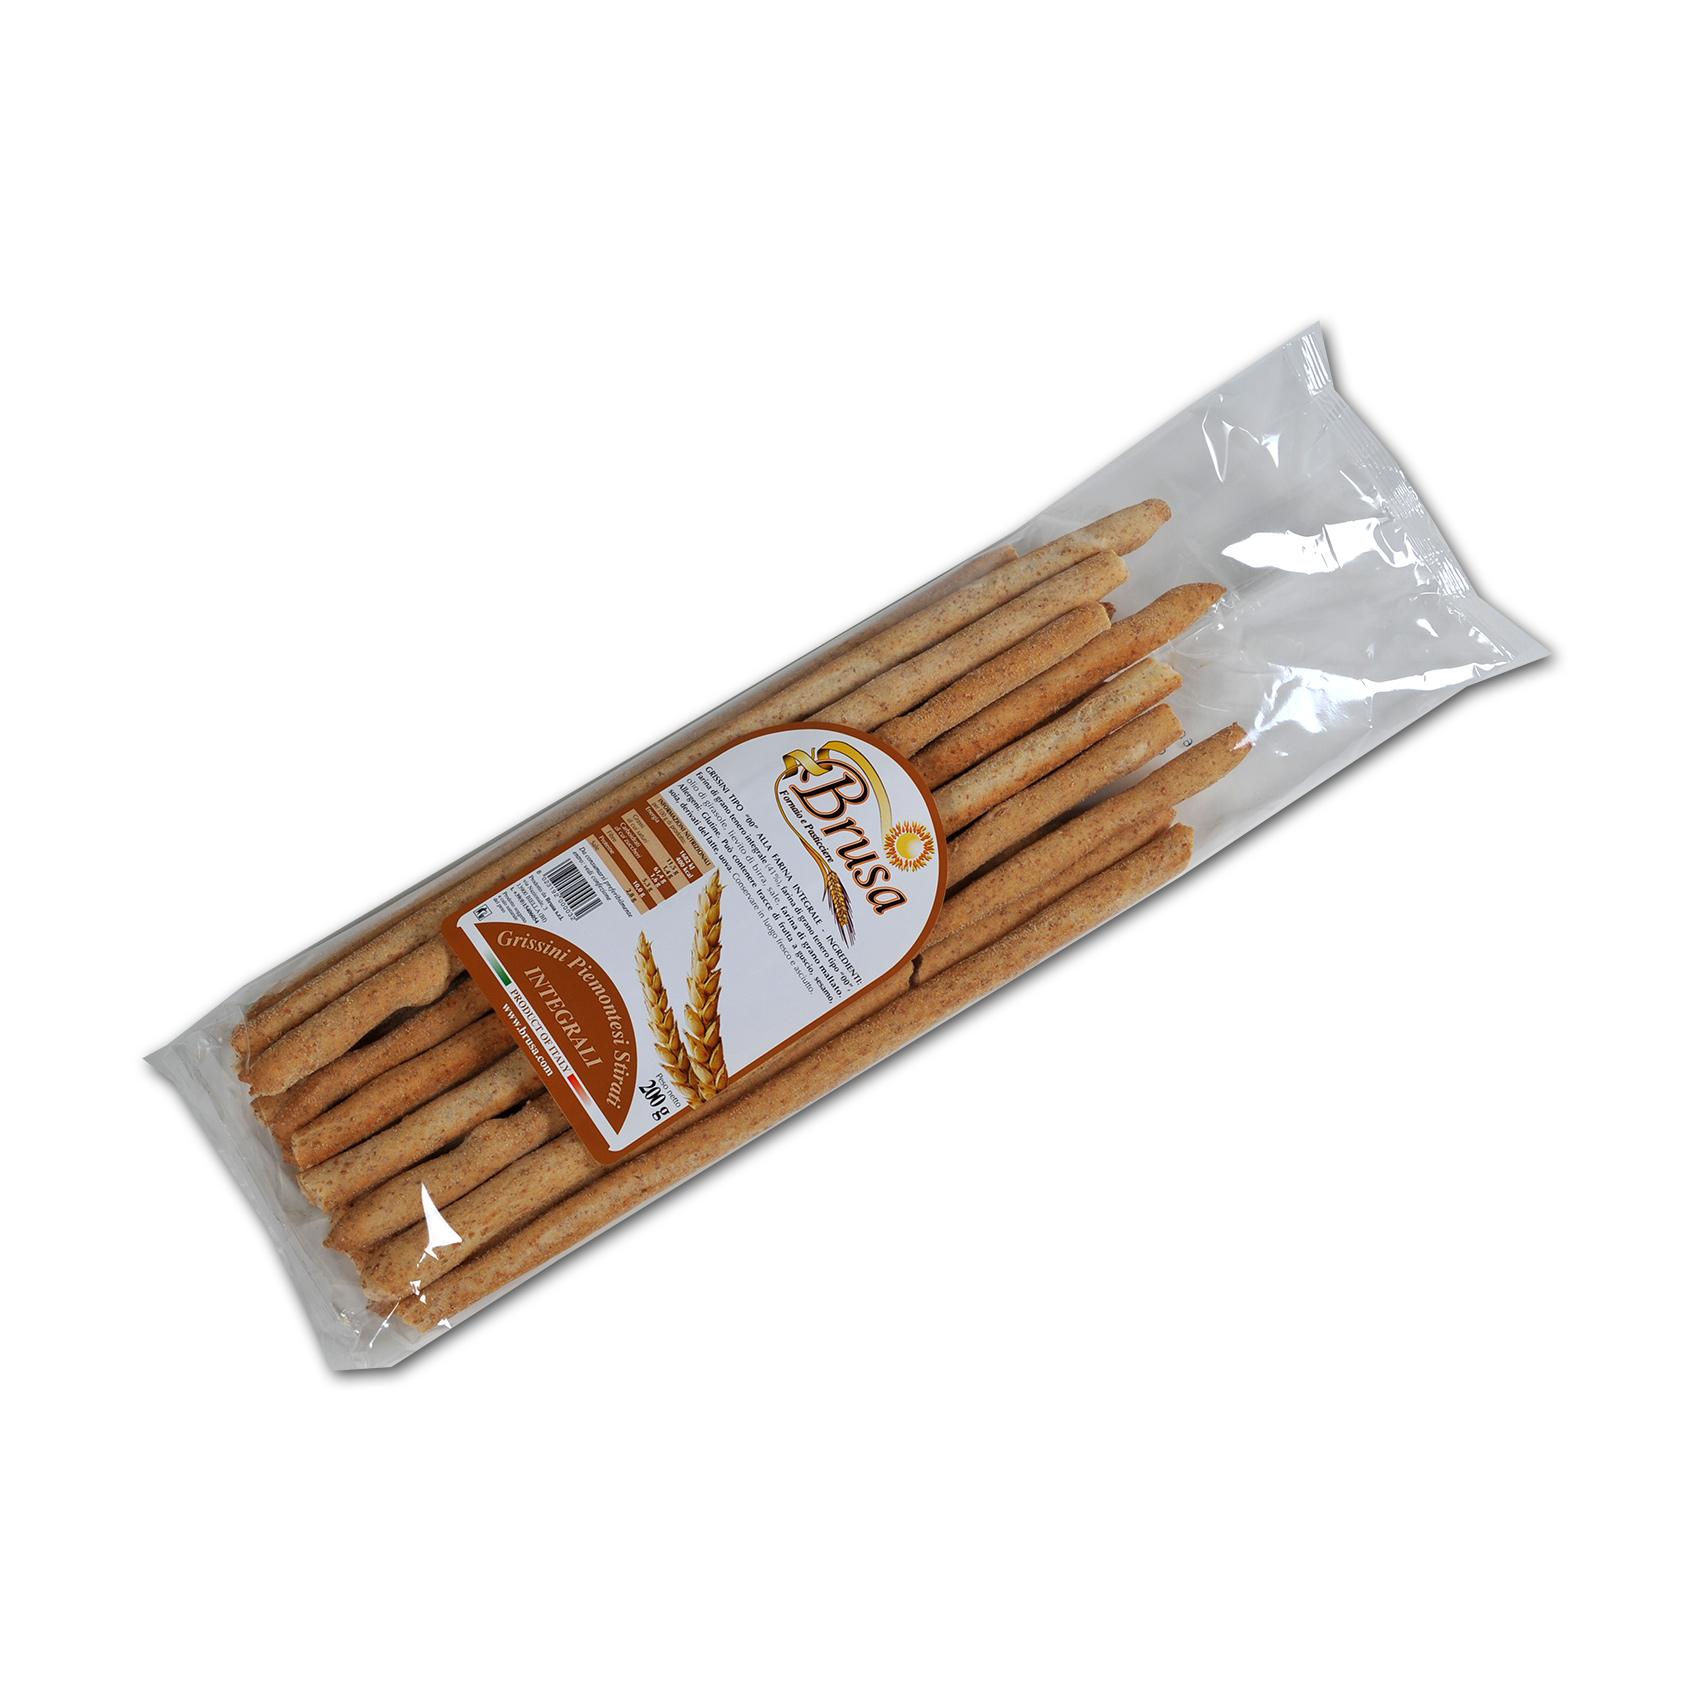 пьемонтские-хлебные-палочки-с-непросеянной-мукой-200г